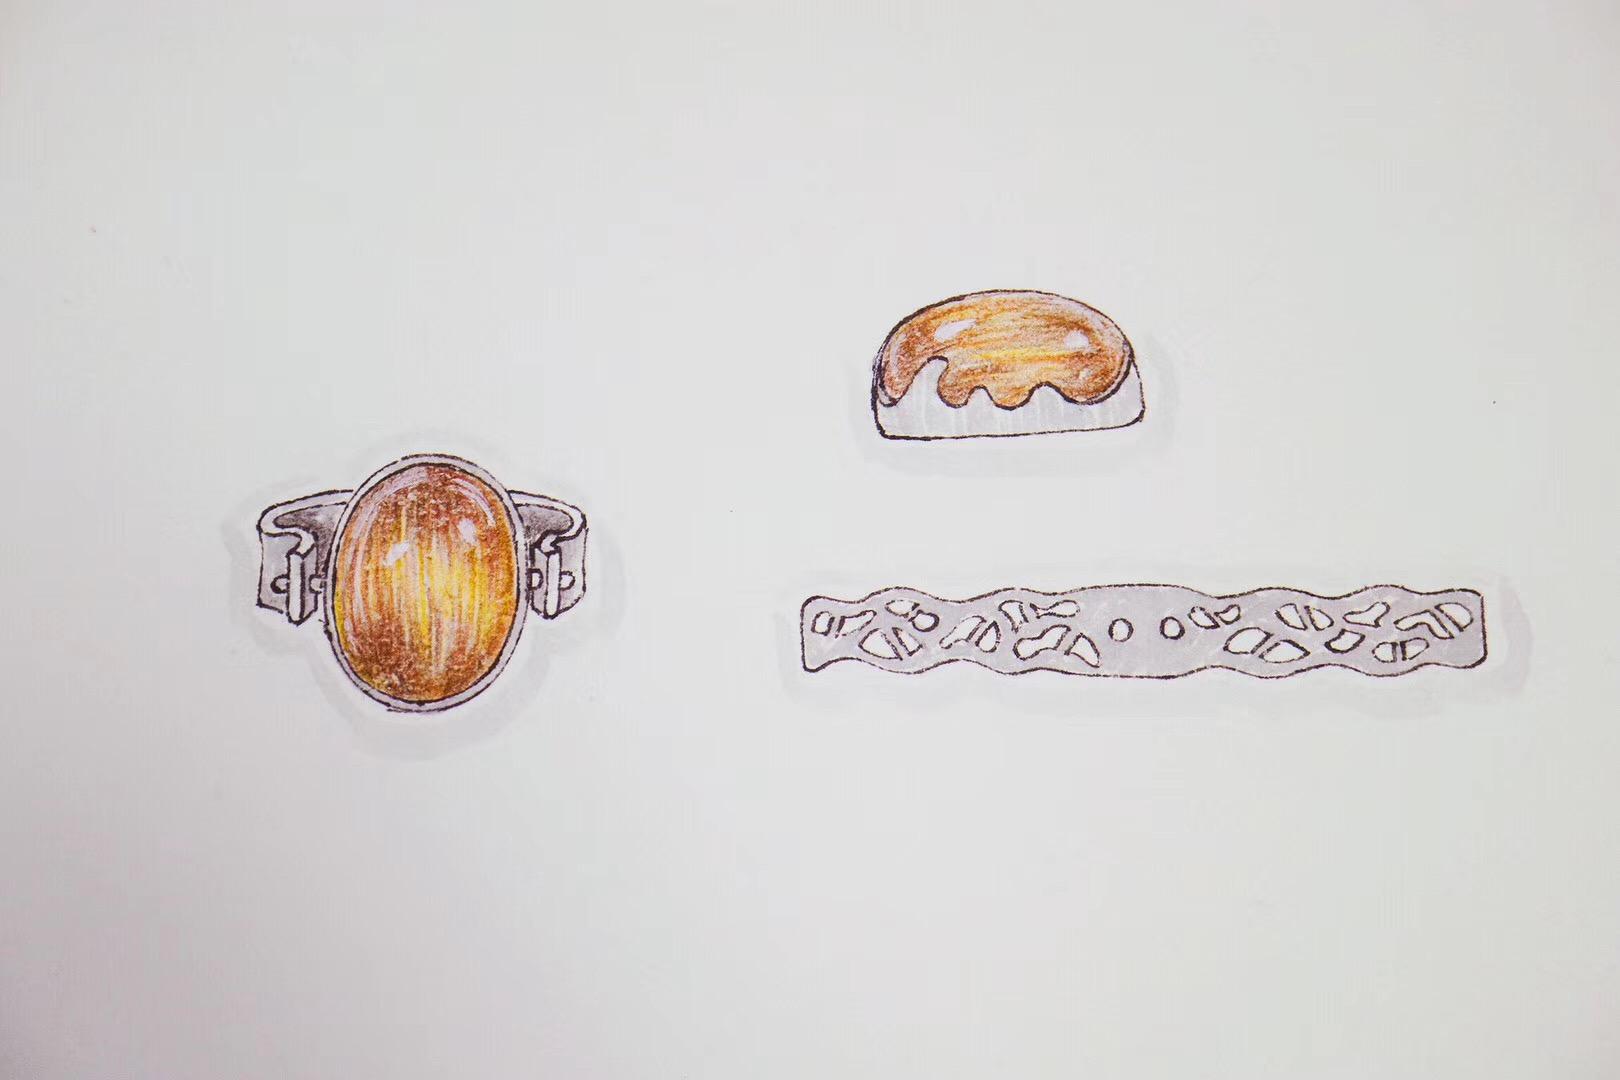 【菩心-铜发晶】如此大的铜发晶,做个吊坠戒指两用,甚好甚好-菩心晶舍